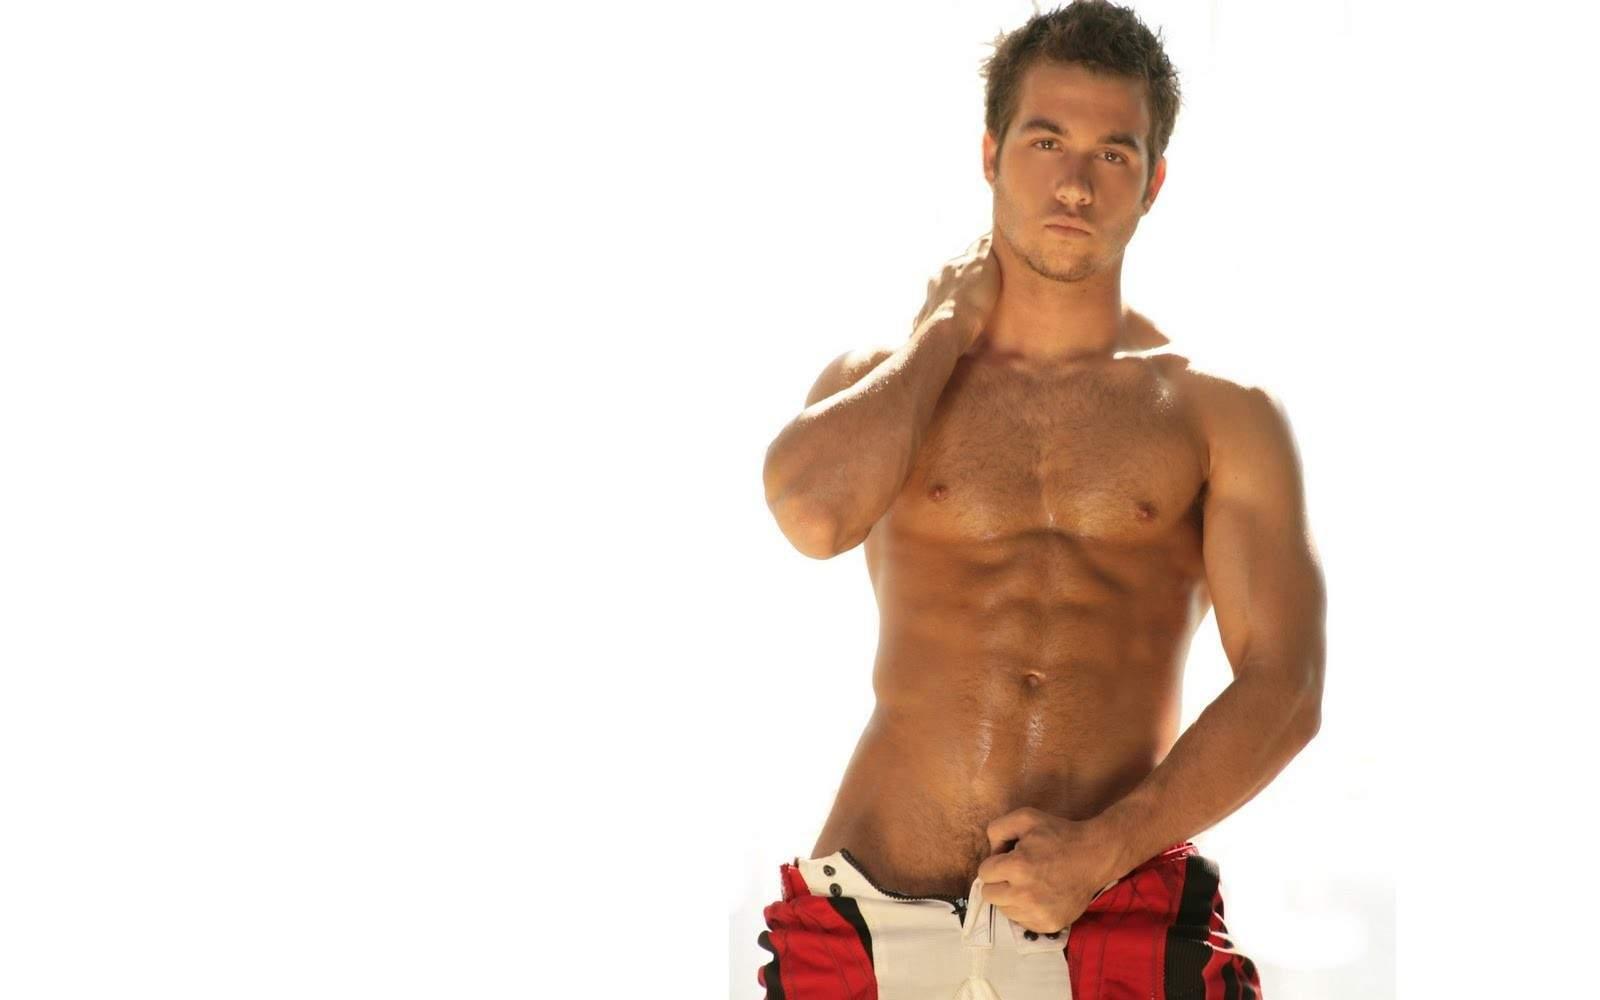 gay escort udine uomo nudo gay